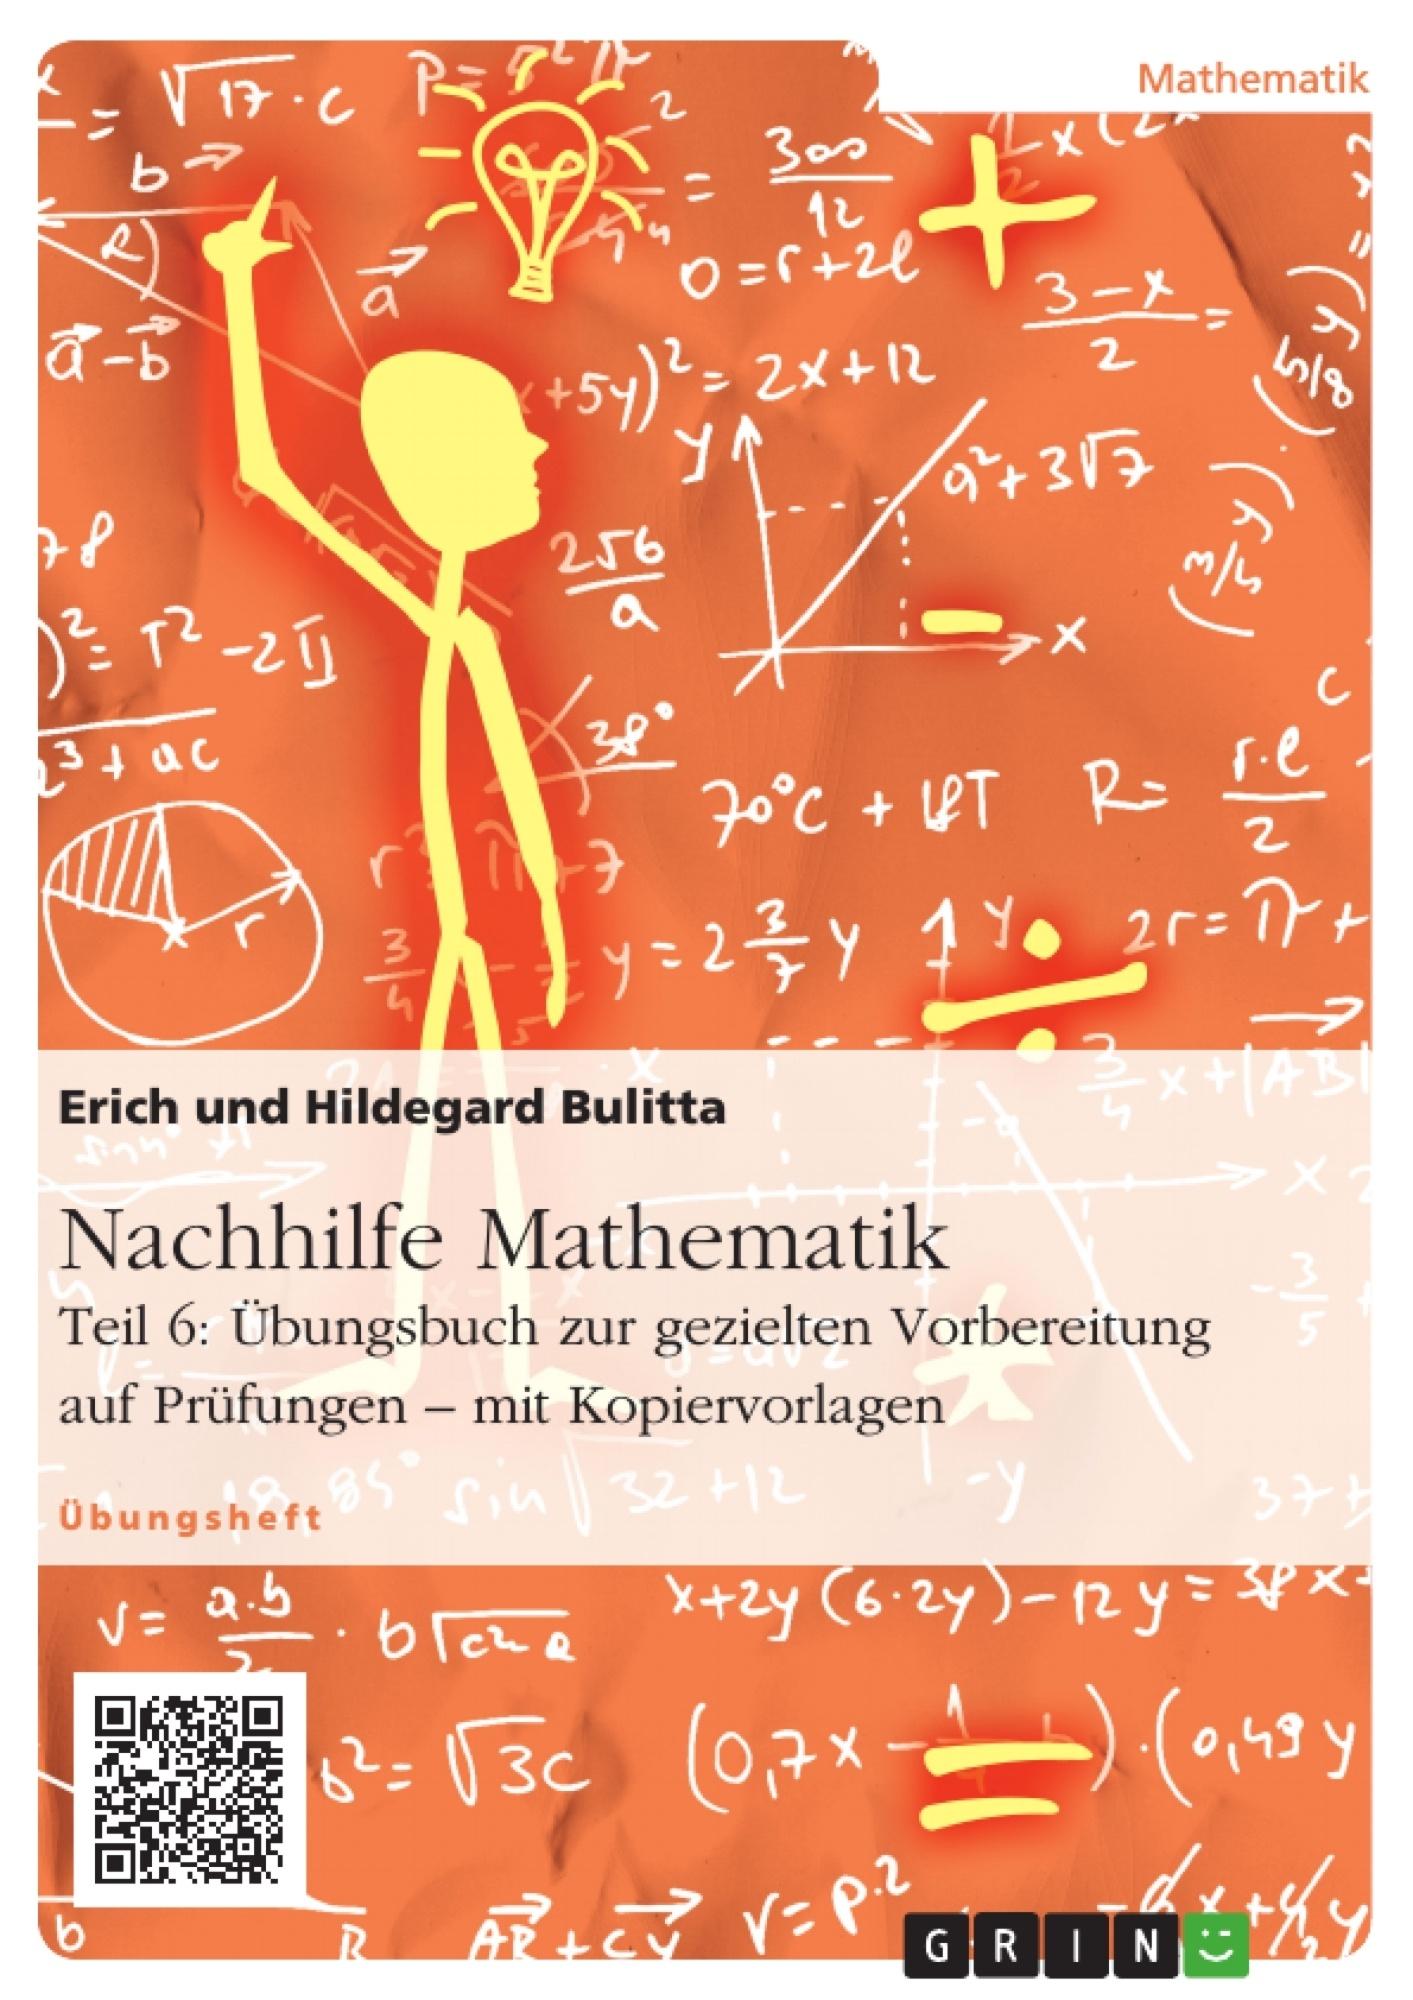 Titel: Nachhilfe Mathematik - Teil 6: Übungsbuch zur gezielten Vorbereitung auf Prüfungen – mit Kopiervorlagen